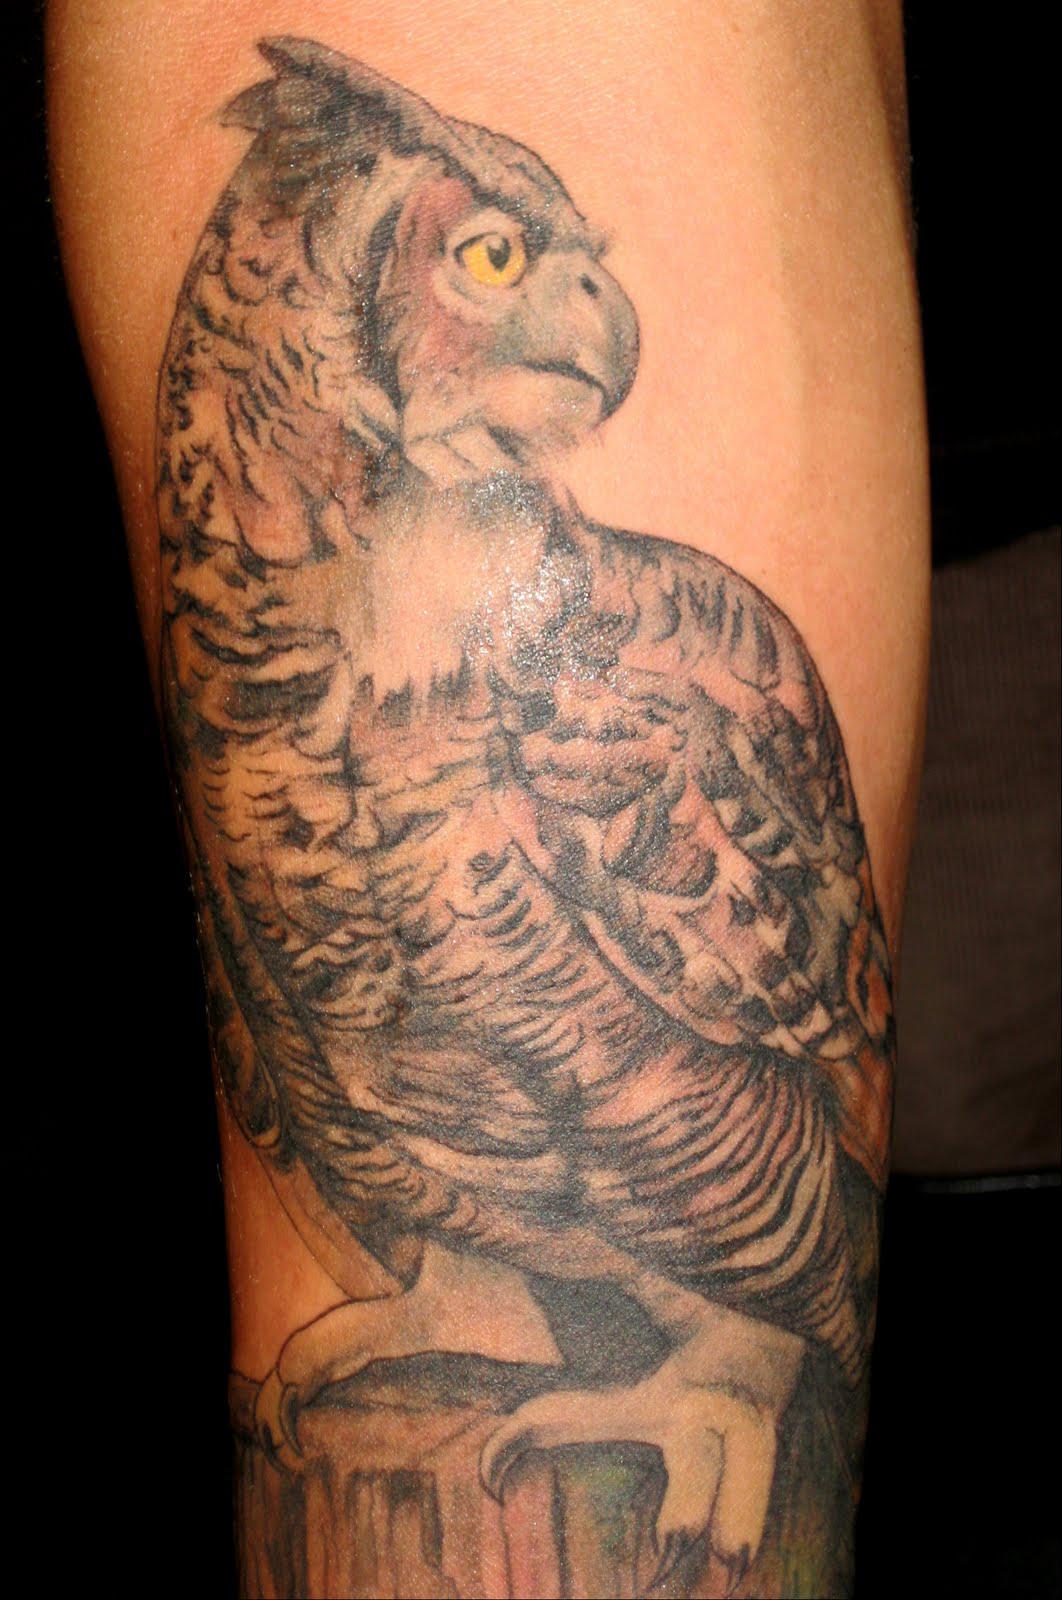 Sleeve Tattoo Generator: Tattoo Design Lettering Free, Tattoo Maker